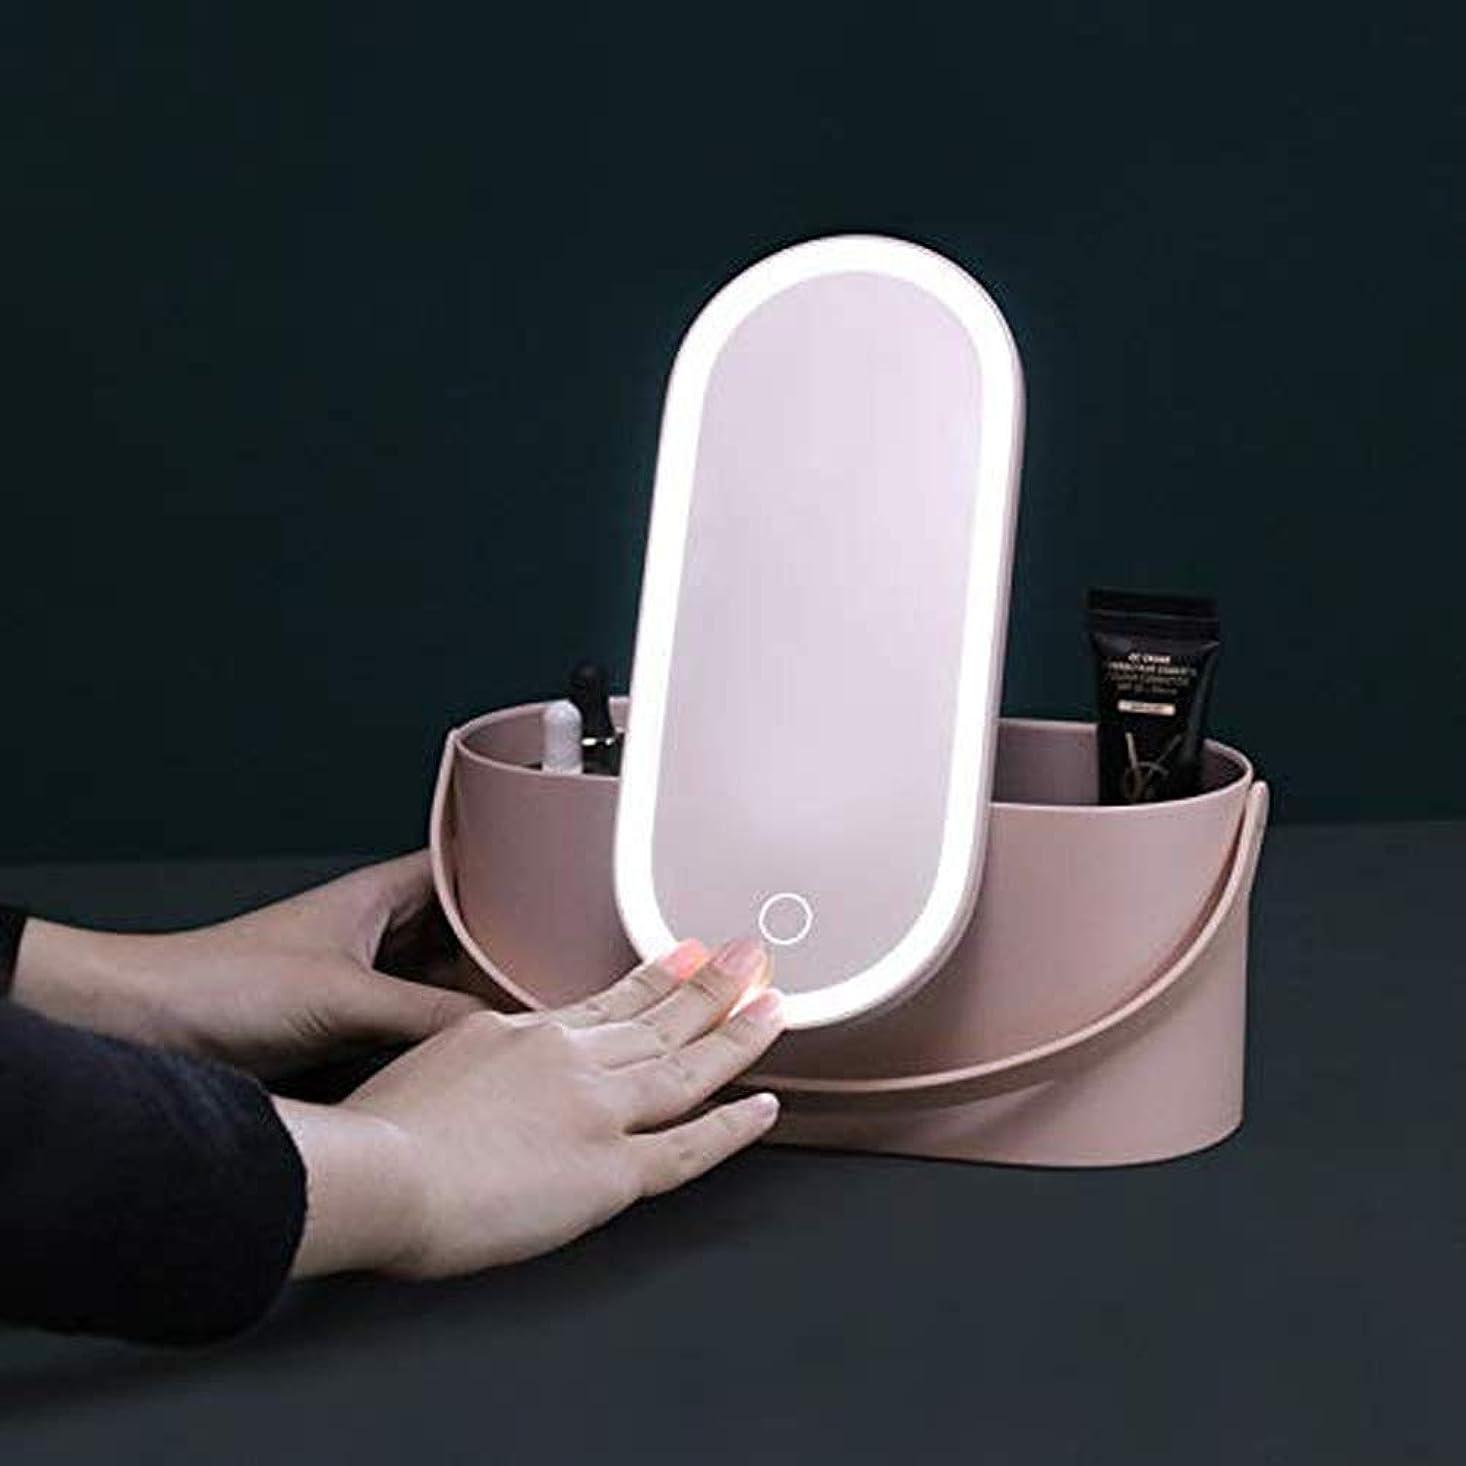 傷跡アジテーション敬なAp&exclusive 化粧鏡付きの便携式メイクボックス 鏡 卓上化粧品収納ボックス LEDライト付きミラー 明るさ調節可能 180度回転 USB 旅行中にいつでも化粧直し 鏡台として使える